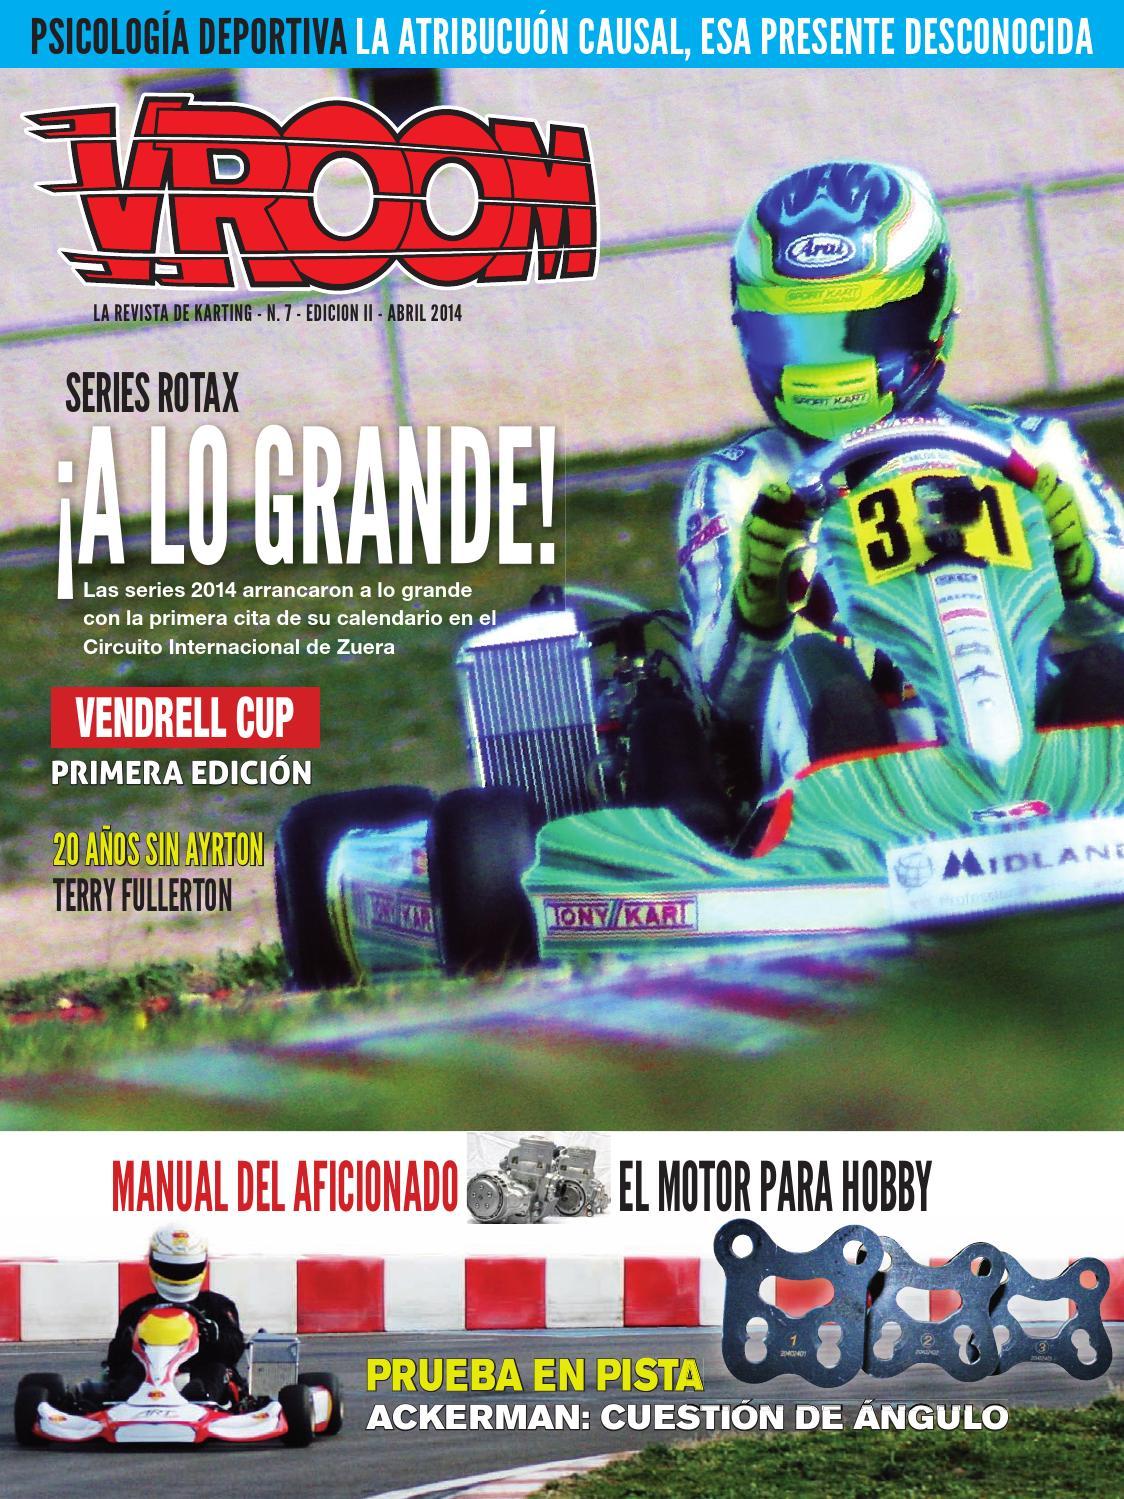 Vroom Spain N 7 by Vroom Kart Spain - issuu